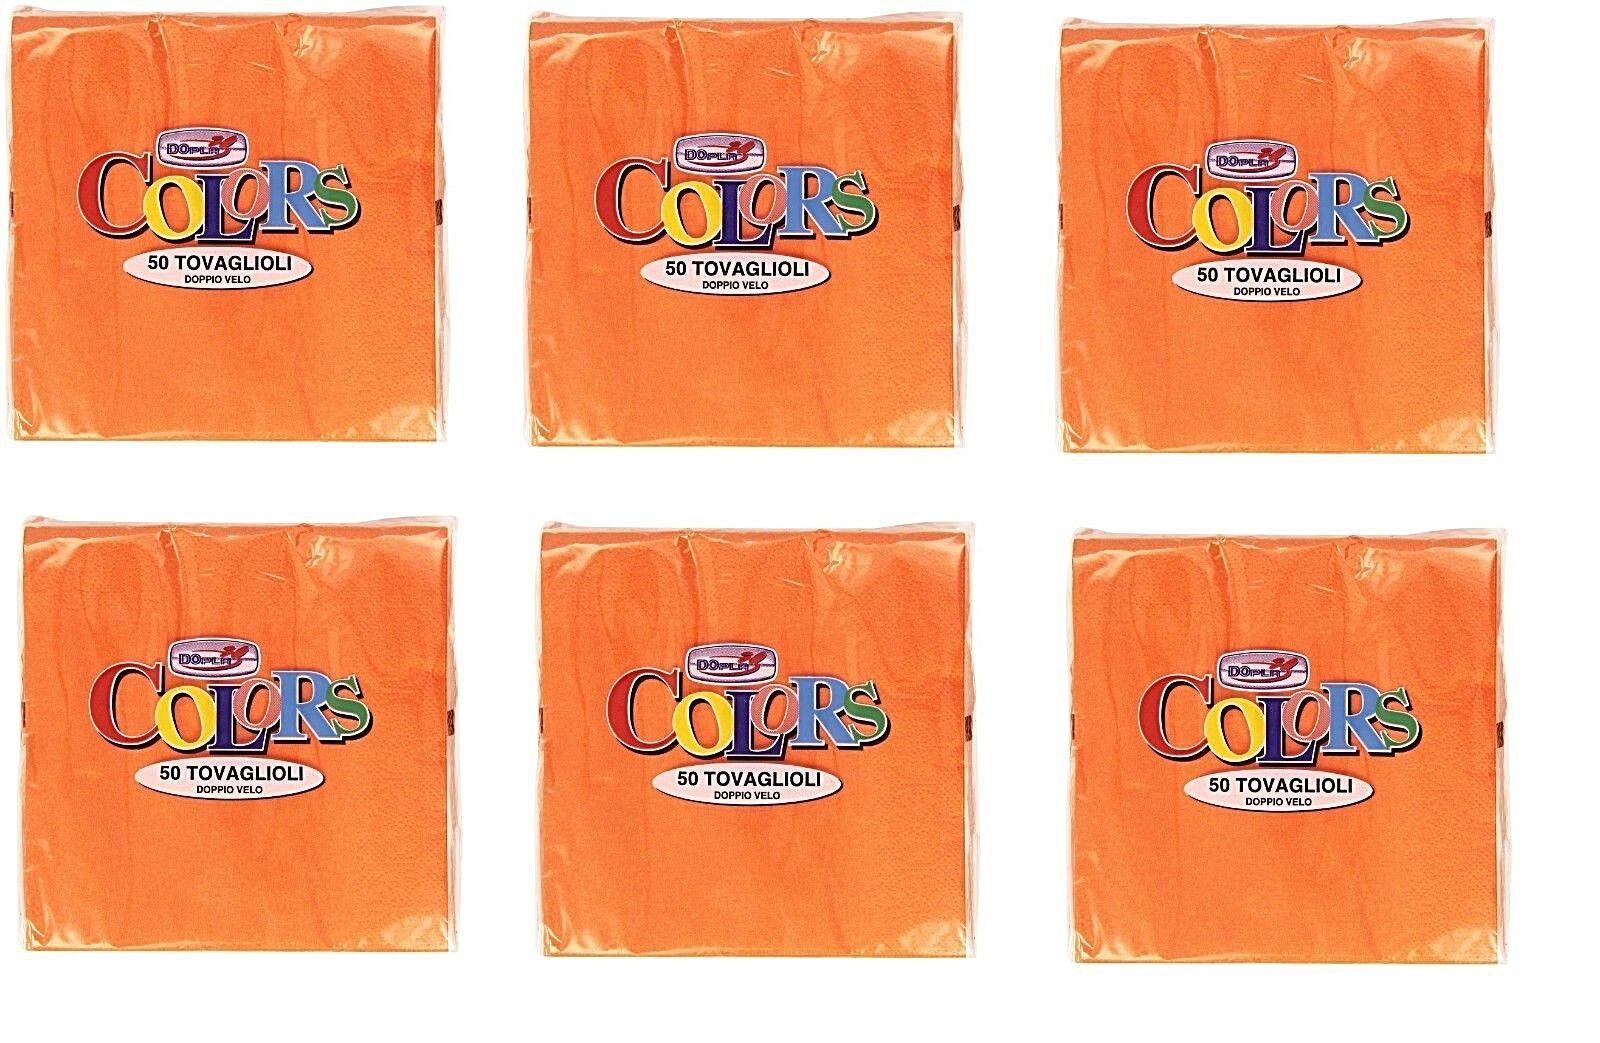 300 SERVIETTEN FarbeS Orange DOPLA 2-LAGEN- 33X33 CM DOPPELT SCHLEIER BUNT FEST | Schöne Kunst  | Schnelle Lieferung